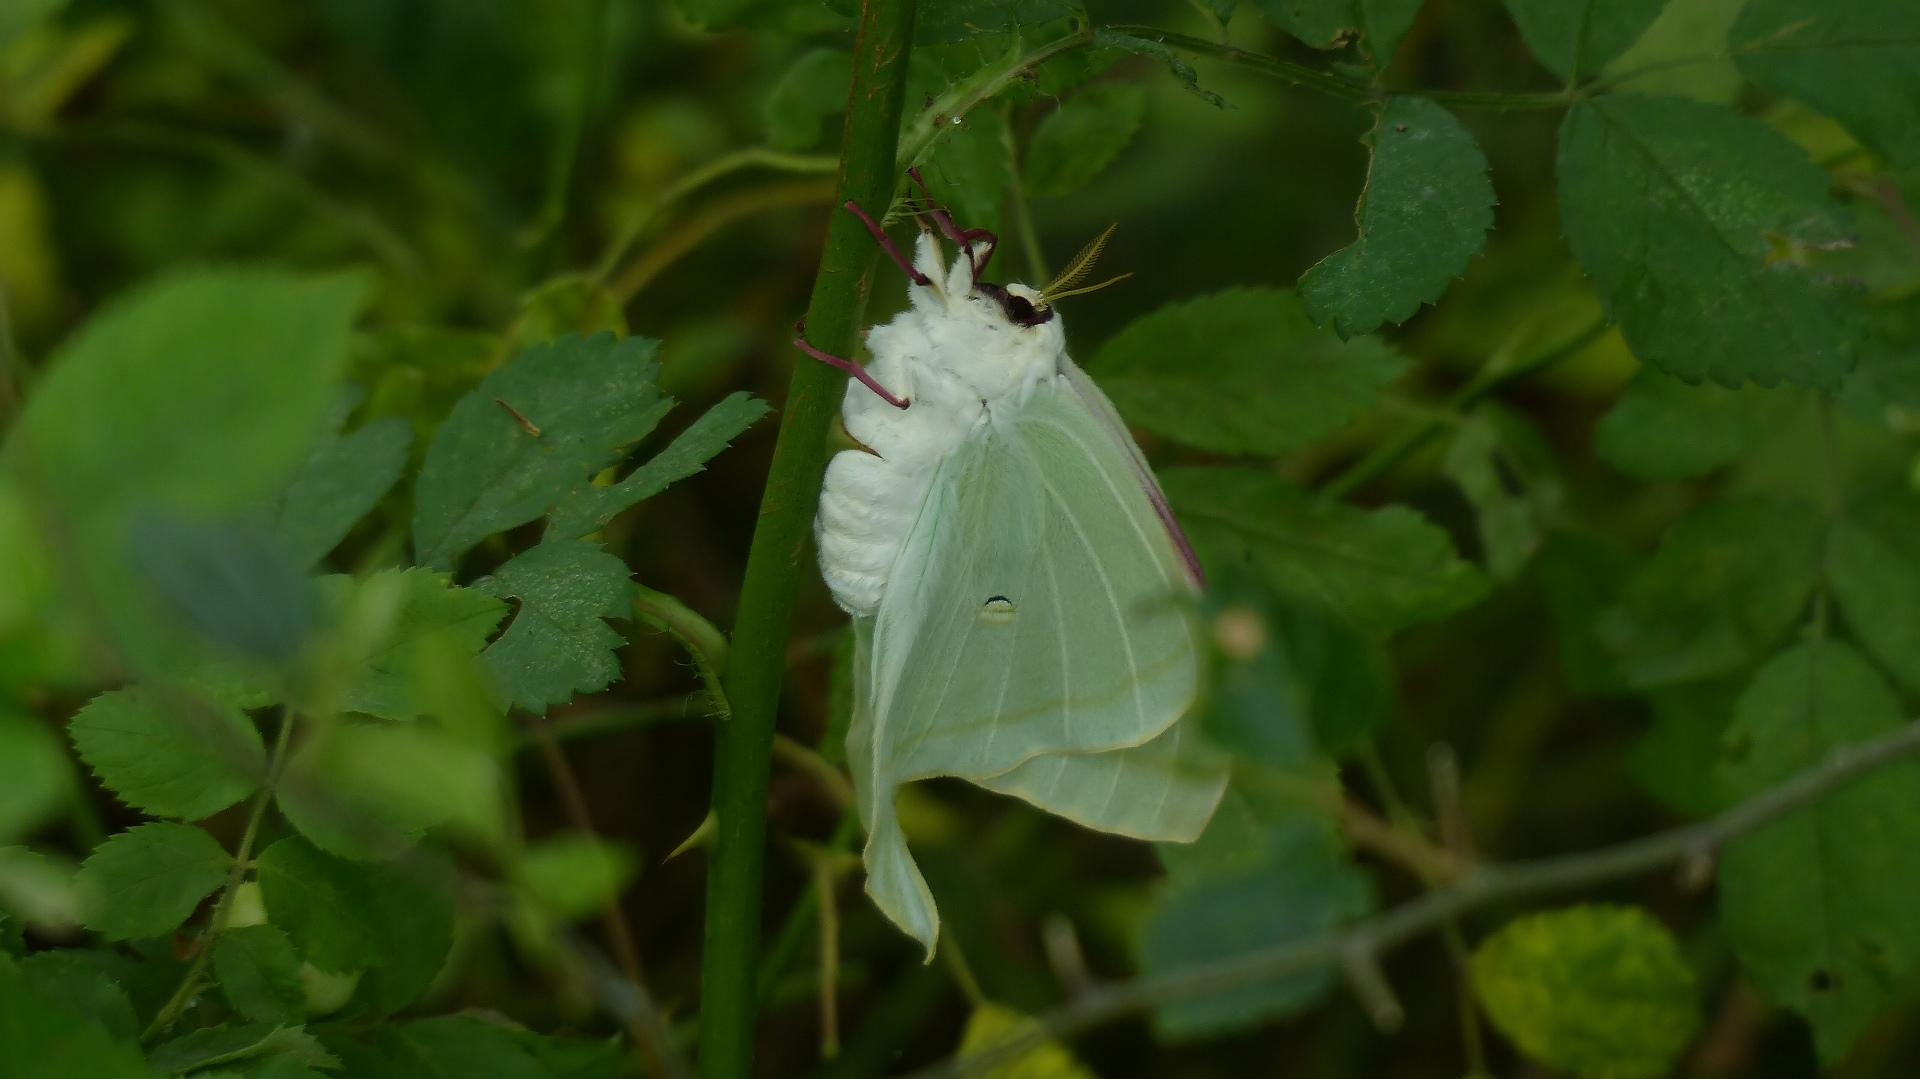 昆虫の森シリーズ 夕顔瓢箪とも呼ばれます_a0185081_1140777.jpg